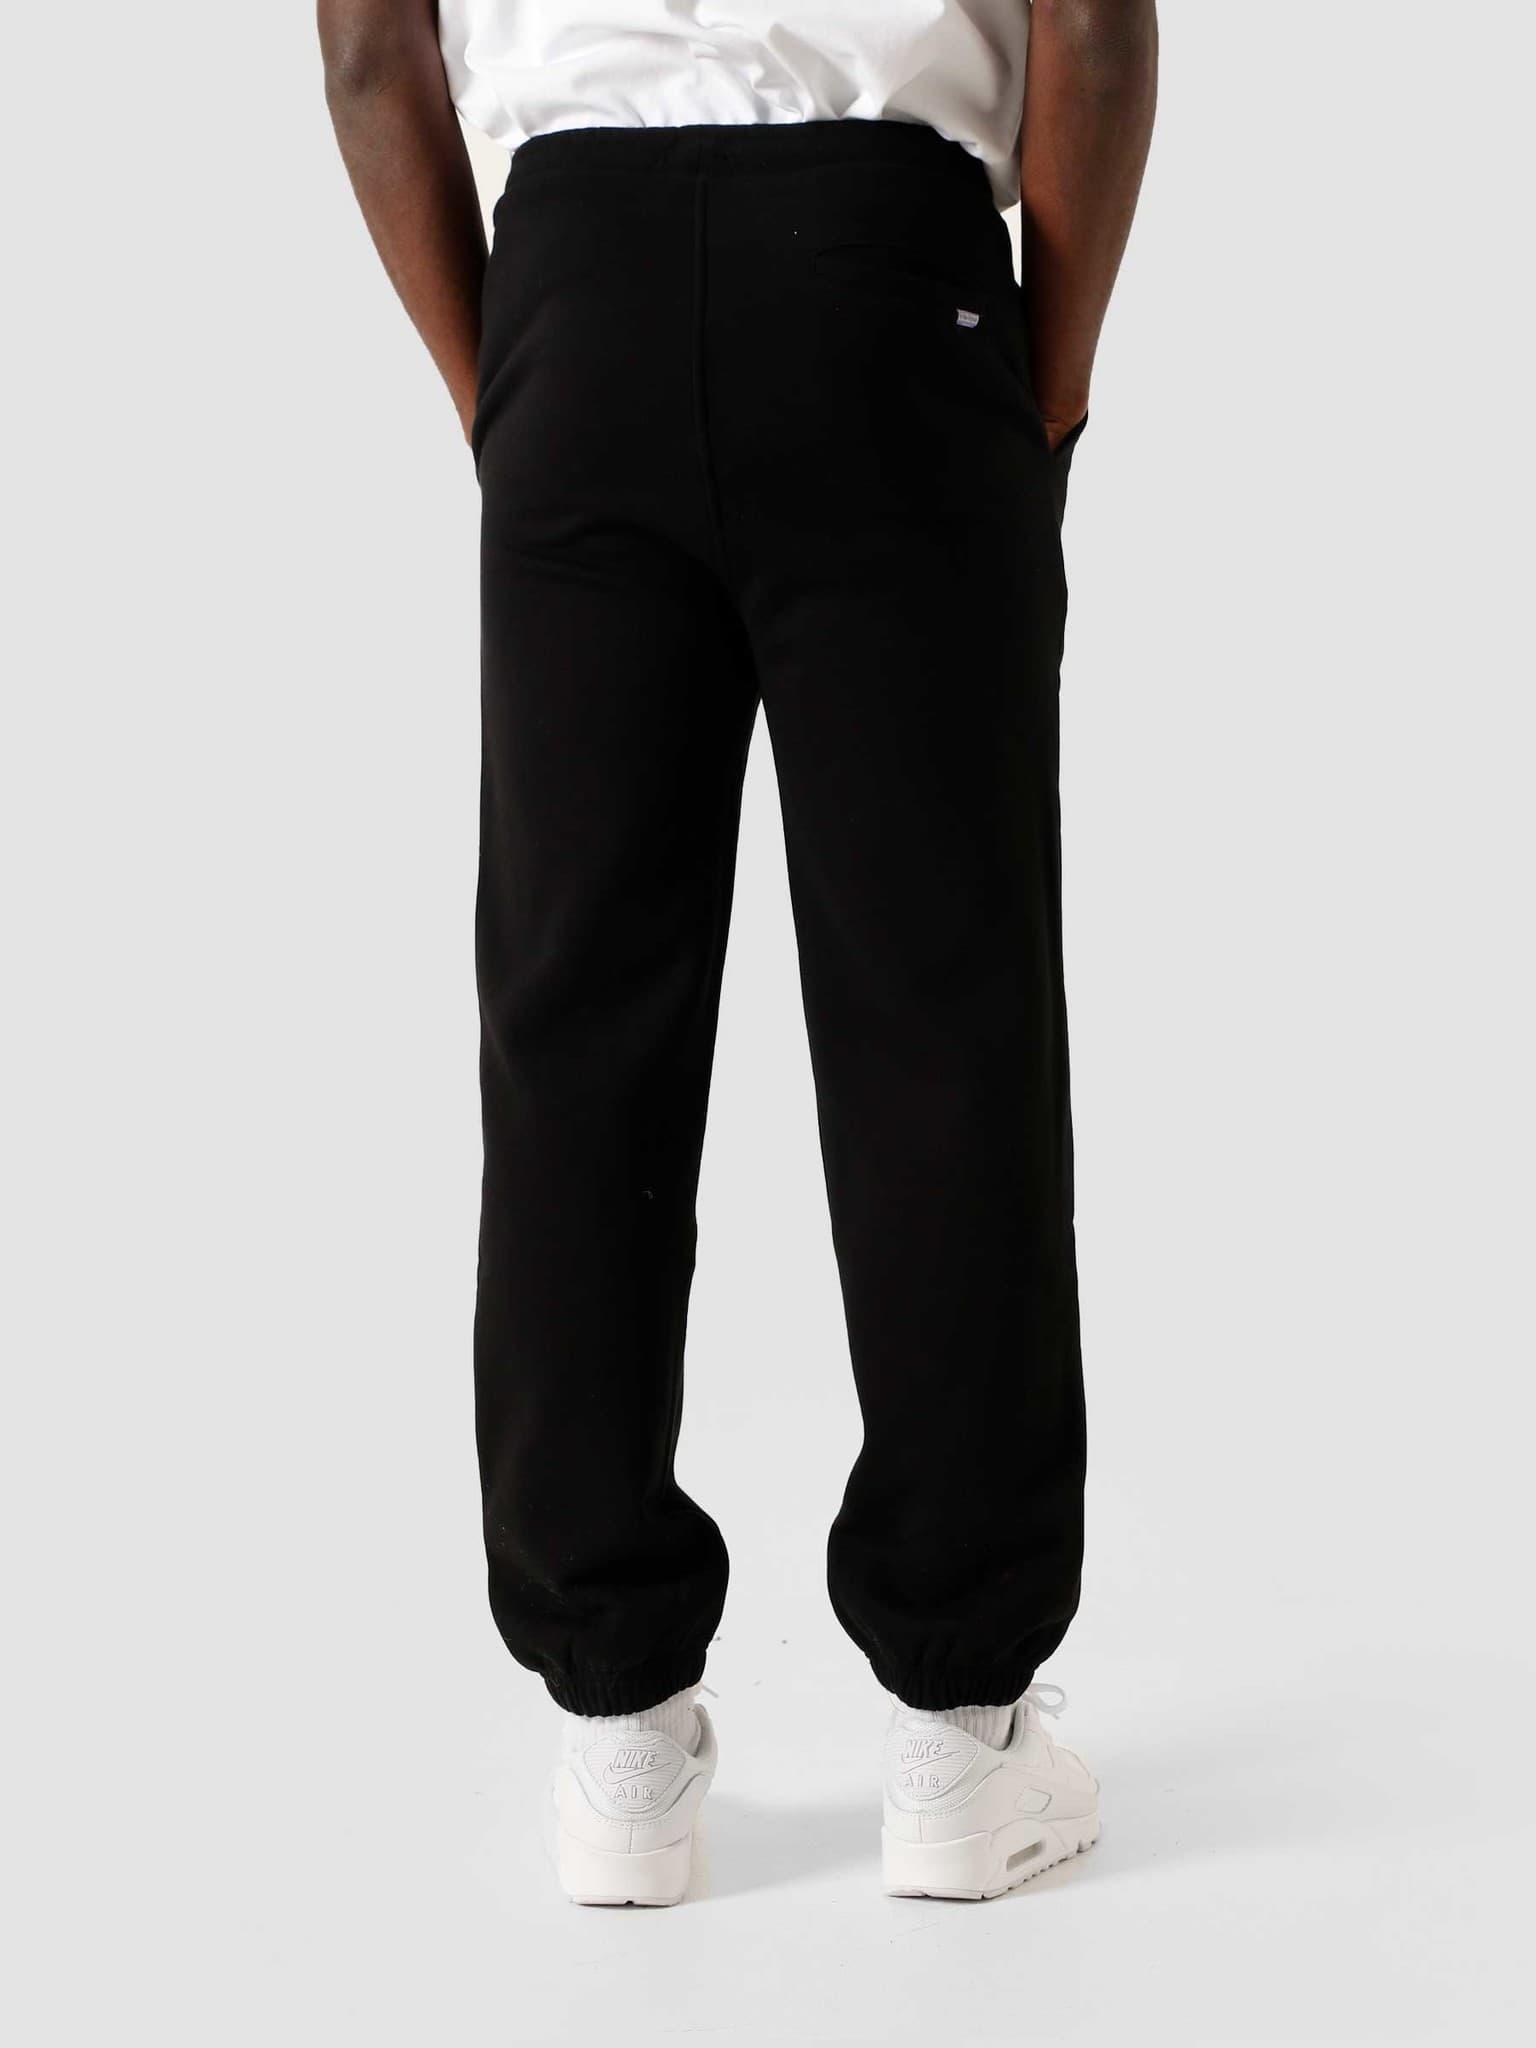 CATNA Jogger Pants Black